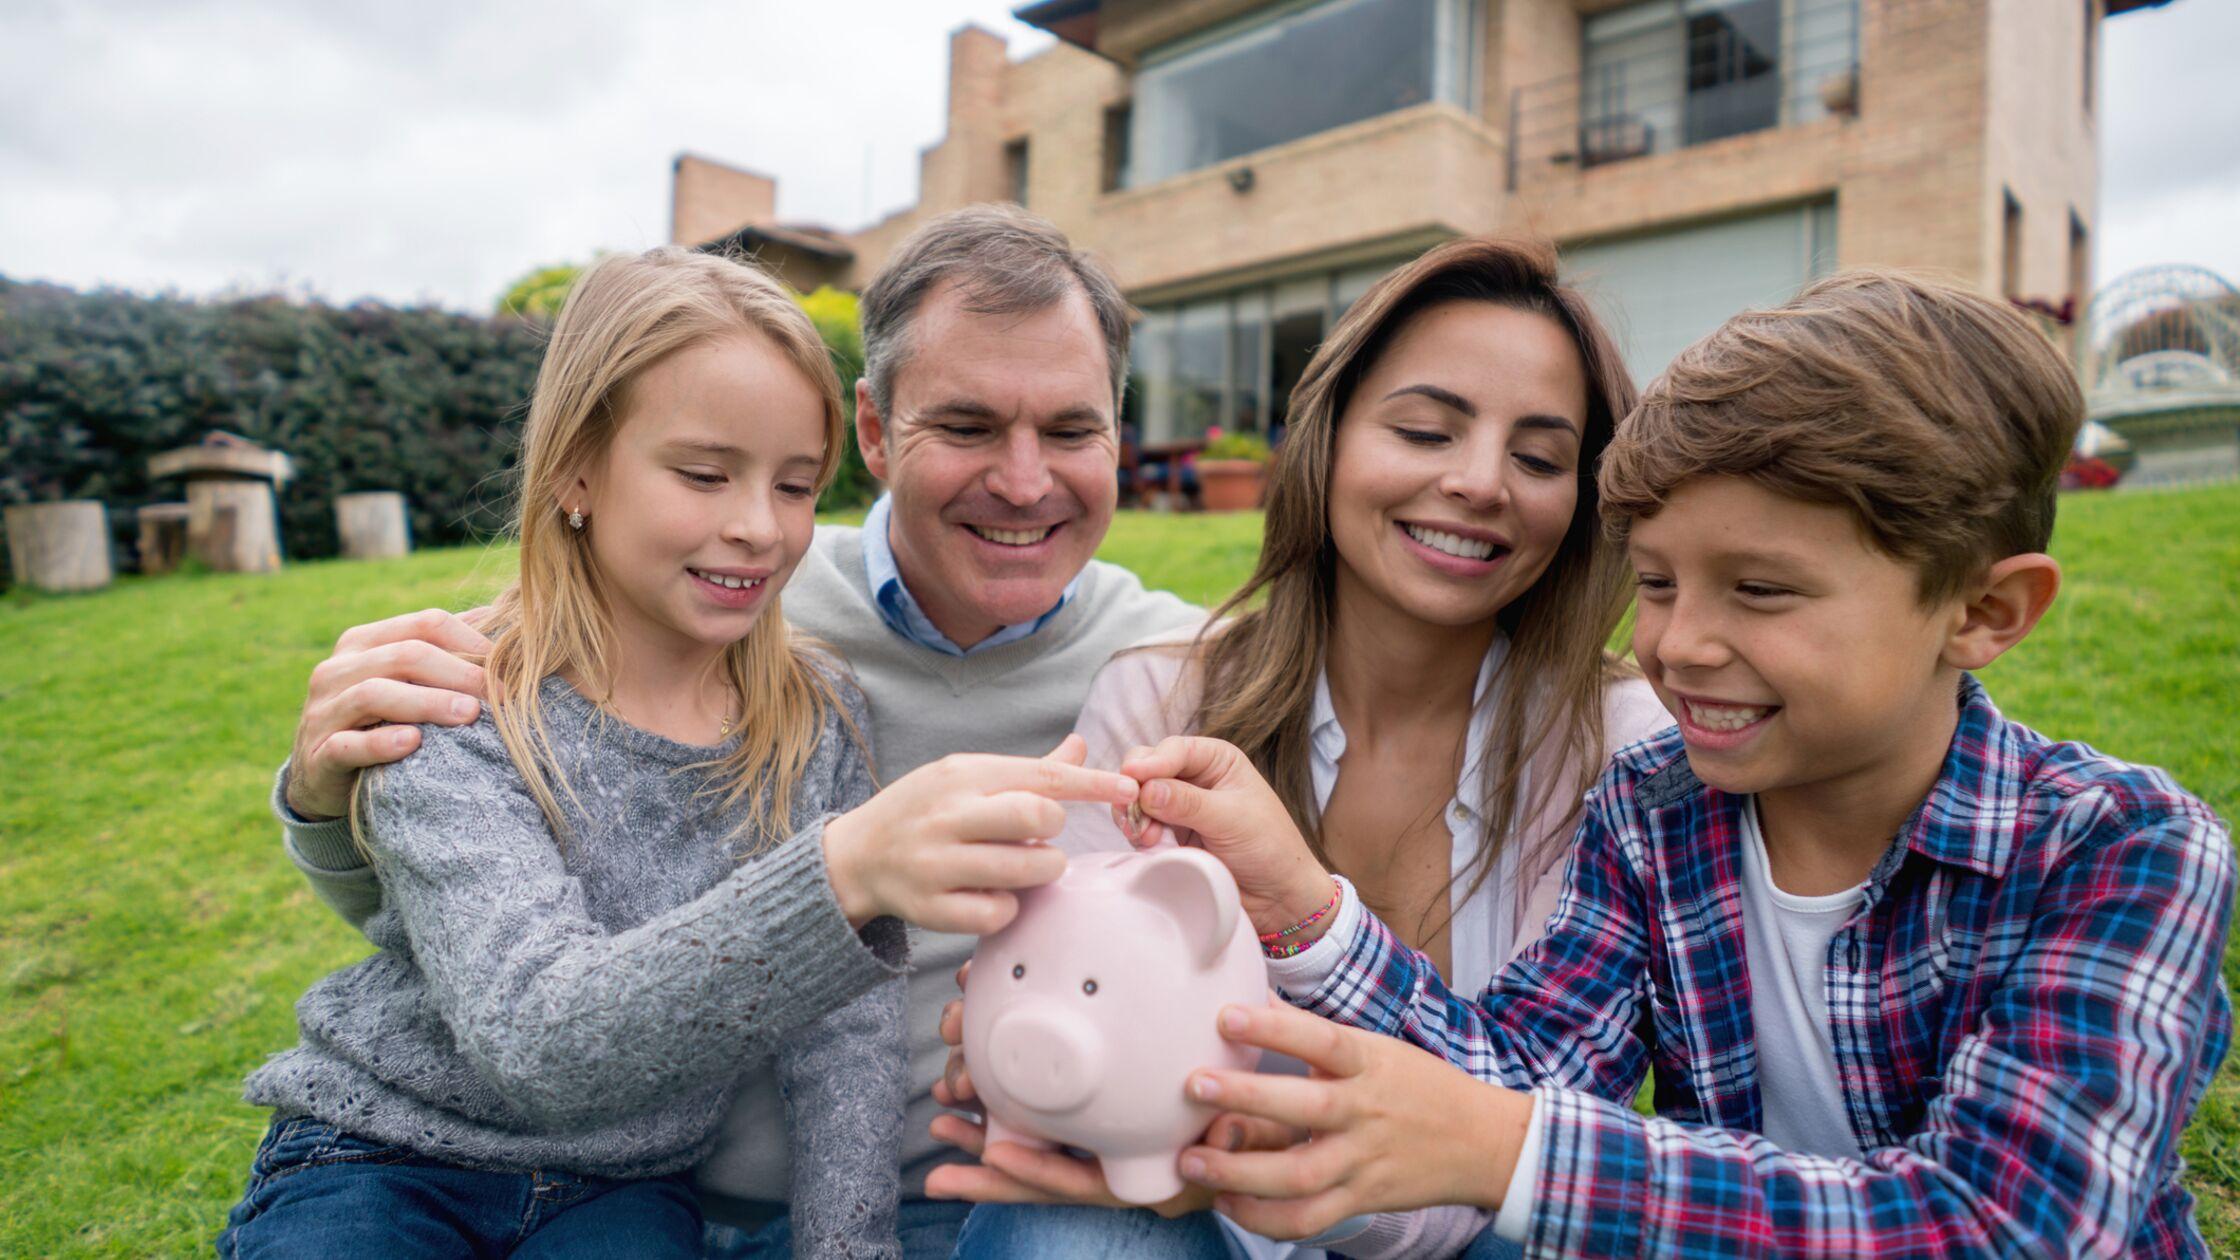 Eltern mit zwei Kindern sitzen vor ihrem Haus und werfen gemeinsam eine Münze in ein Sparschwein